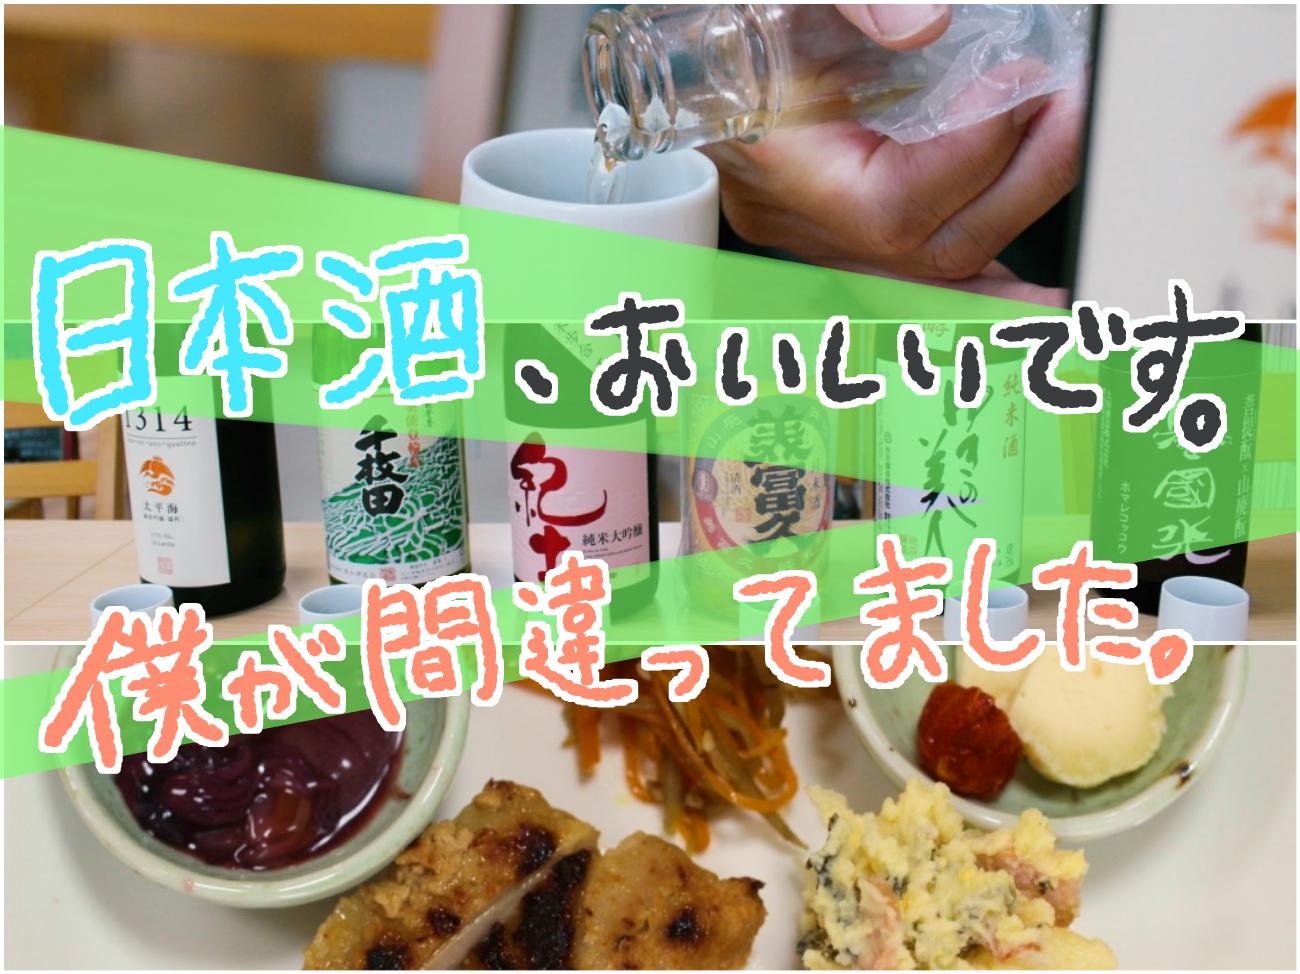 日本酒、おいしいです。僕が間違ってました。